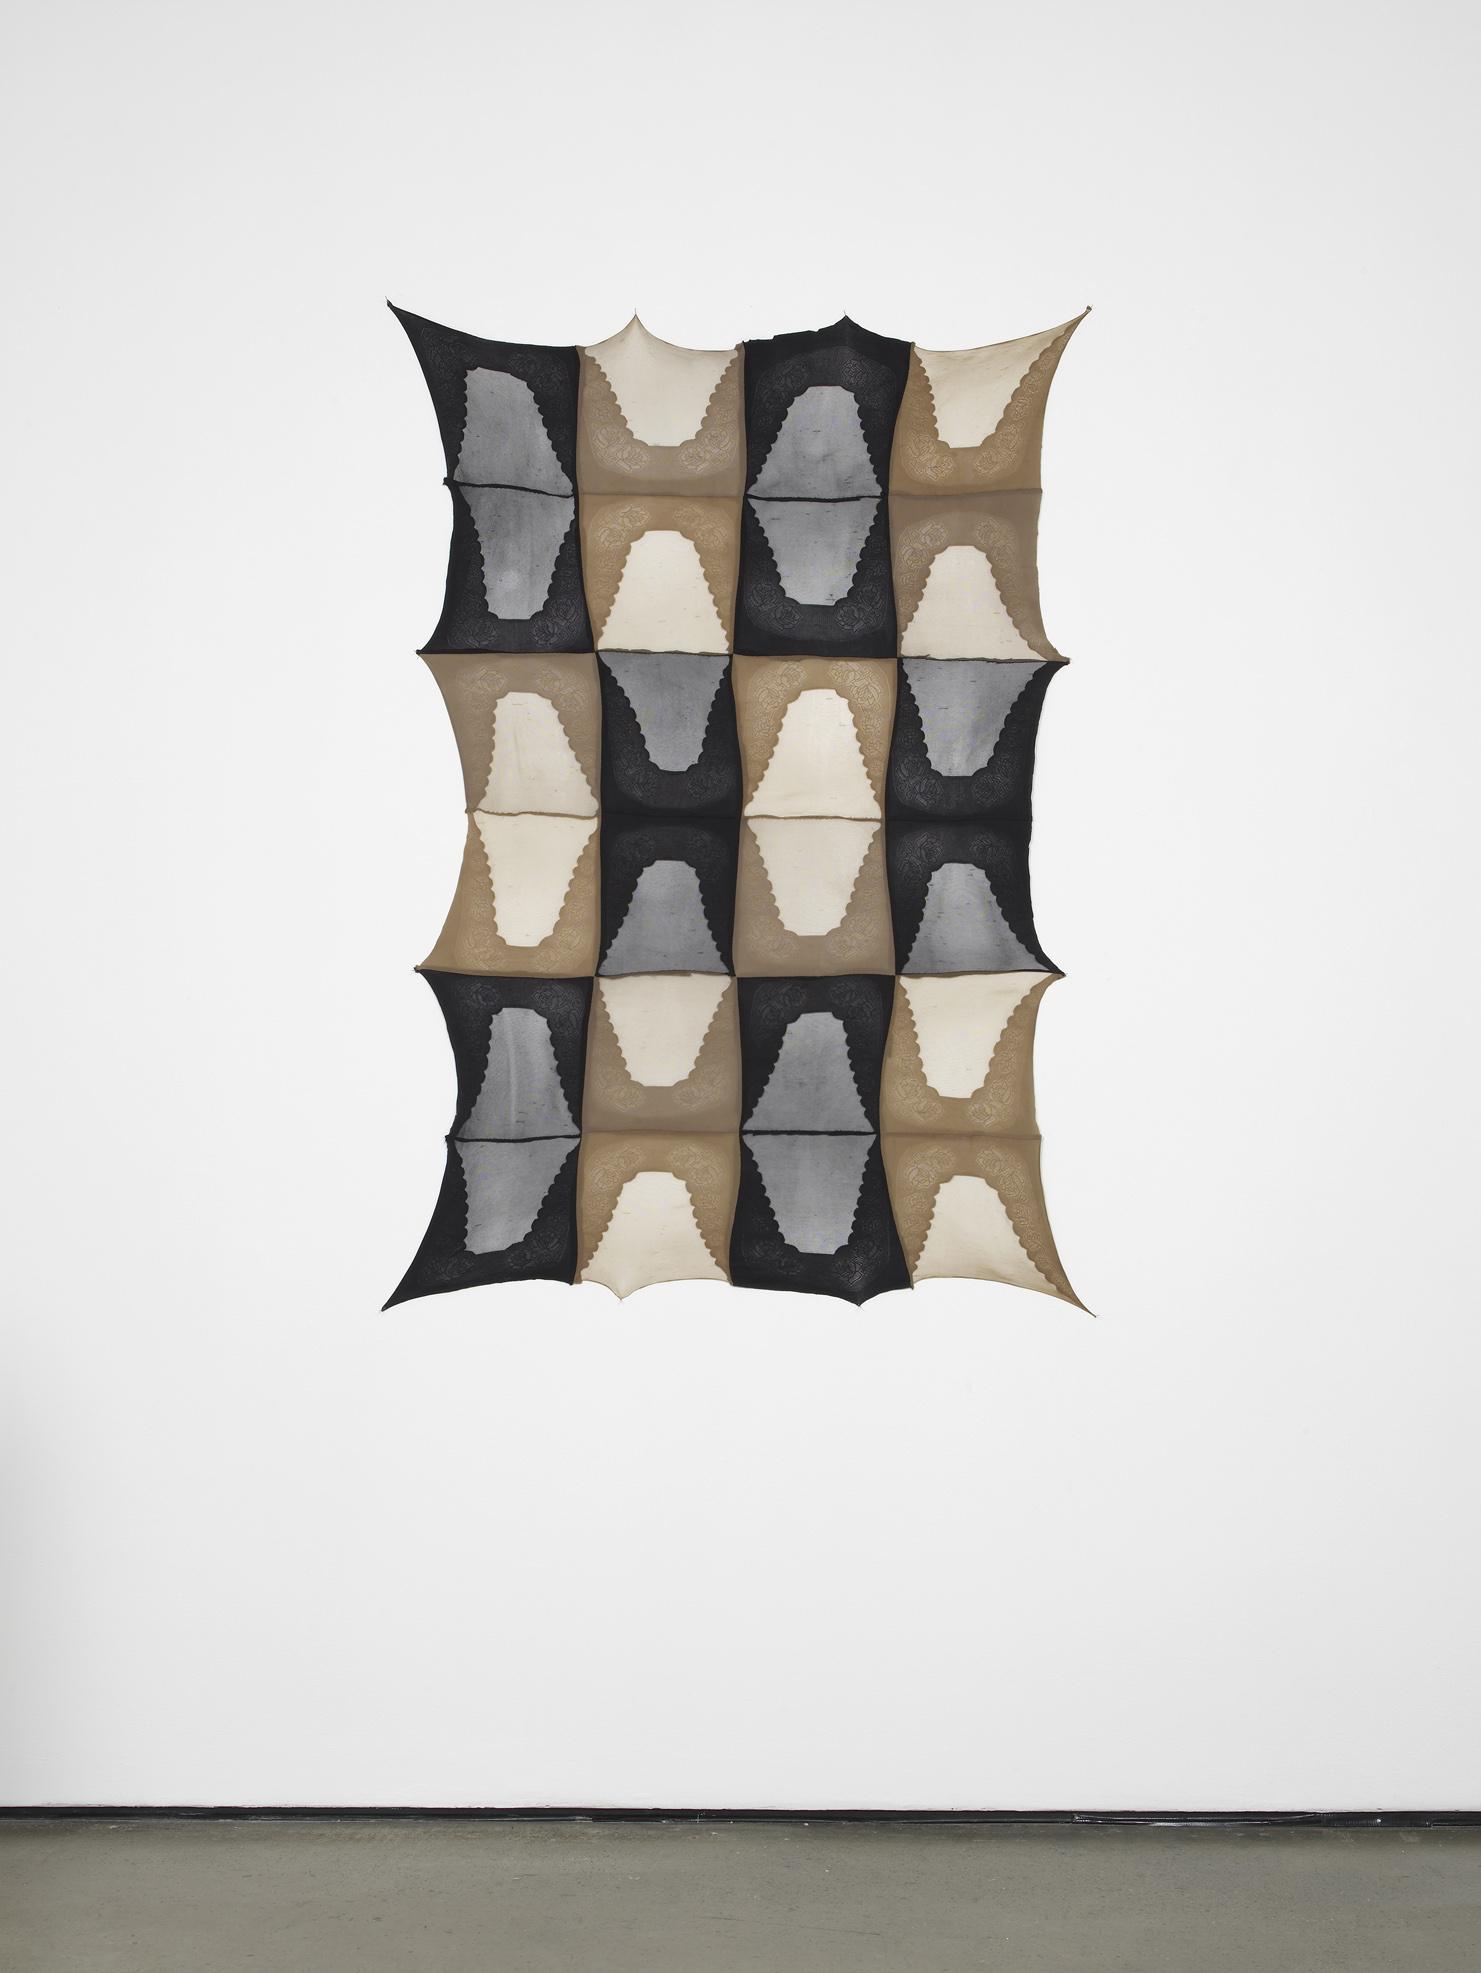 Repeat I 2012 90% nylon, 10% elastane, fabric stiffener 142 x 97.5 cm / 55.9 x 38.4 in